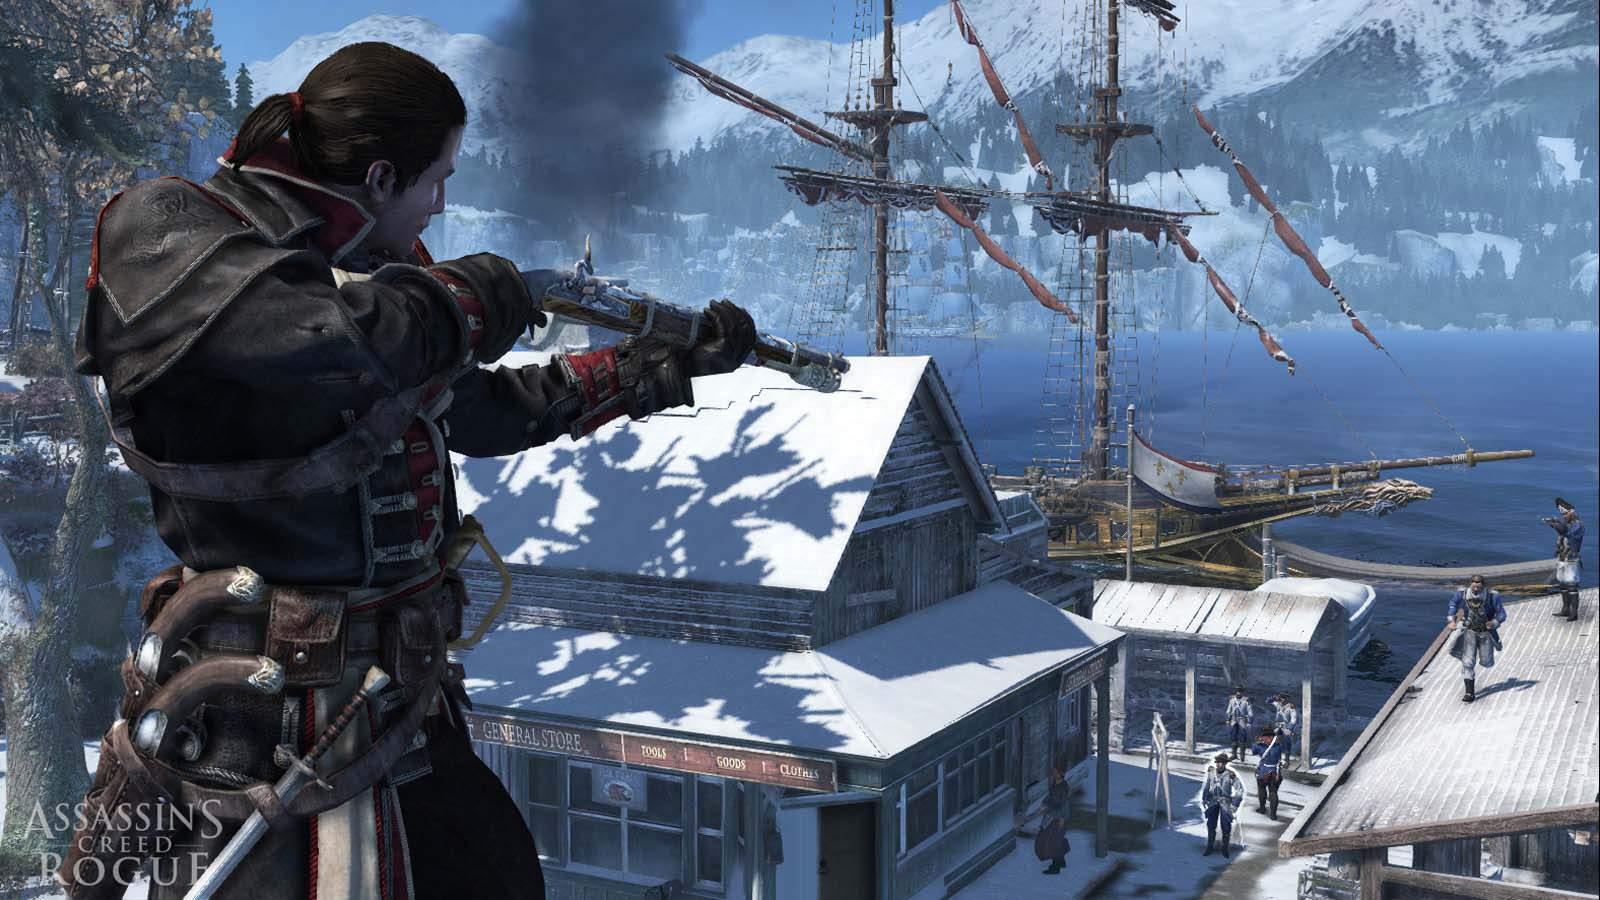 تحميل لعبة Assassin's Creed Rogue مضغوطة برابط واحد مباشر كاملة مجانا